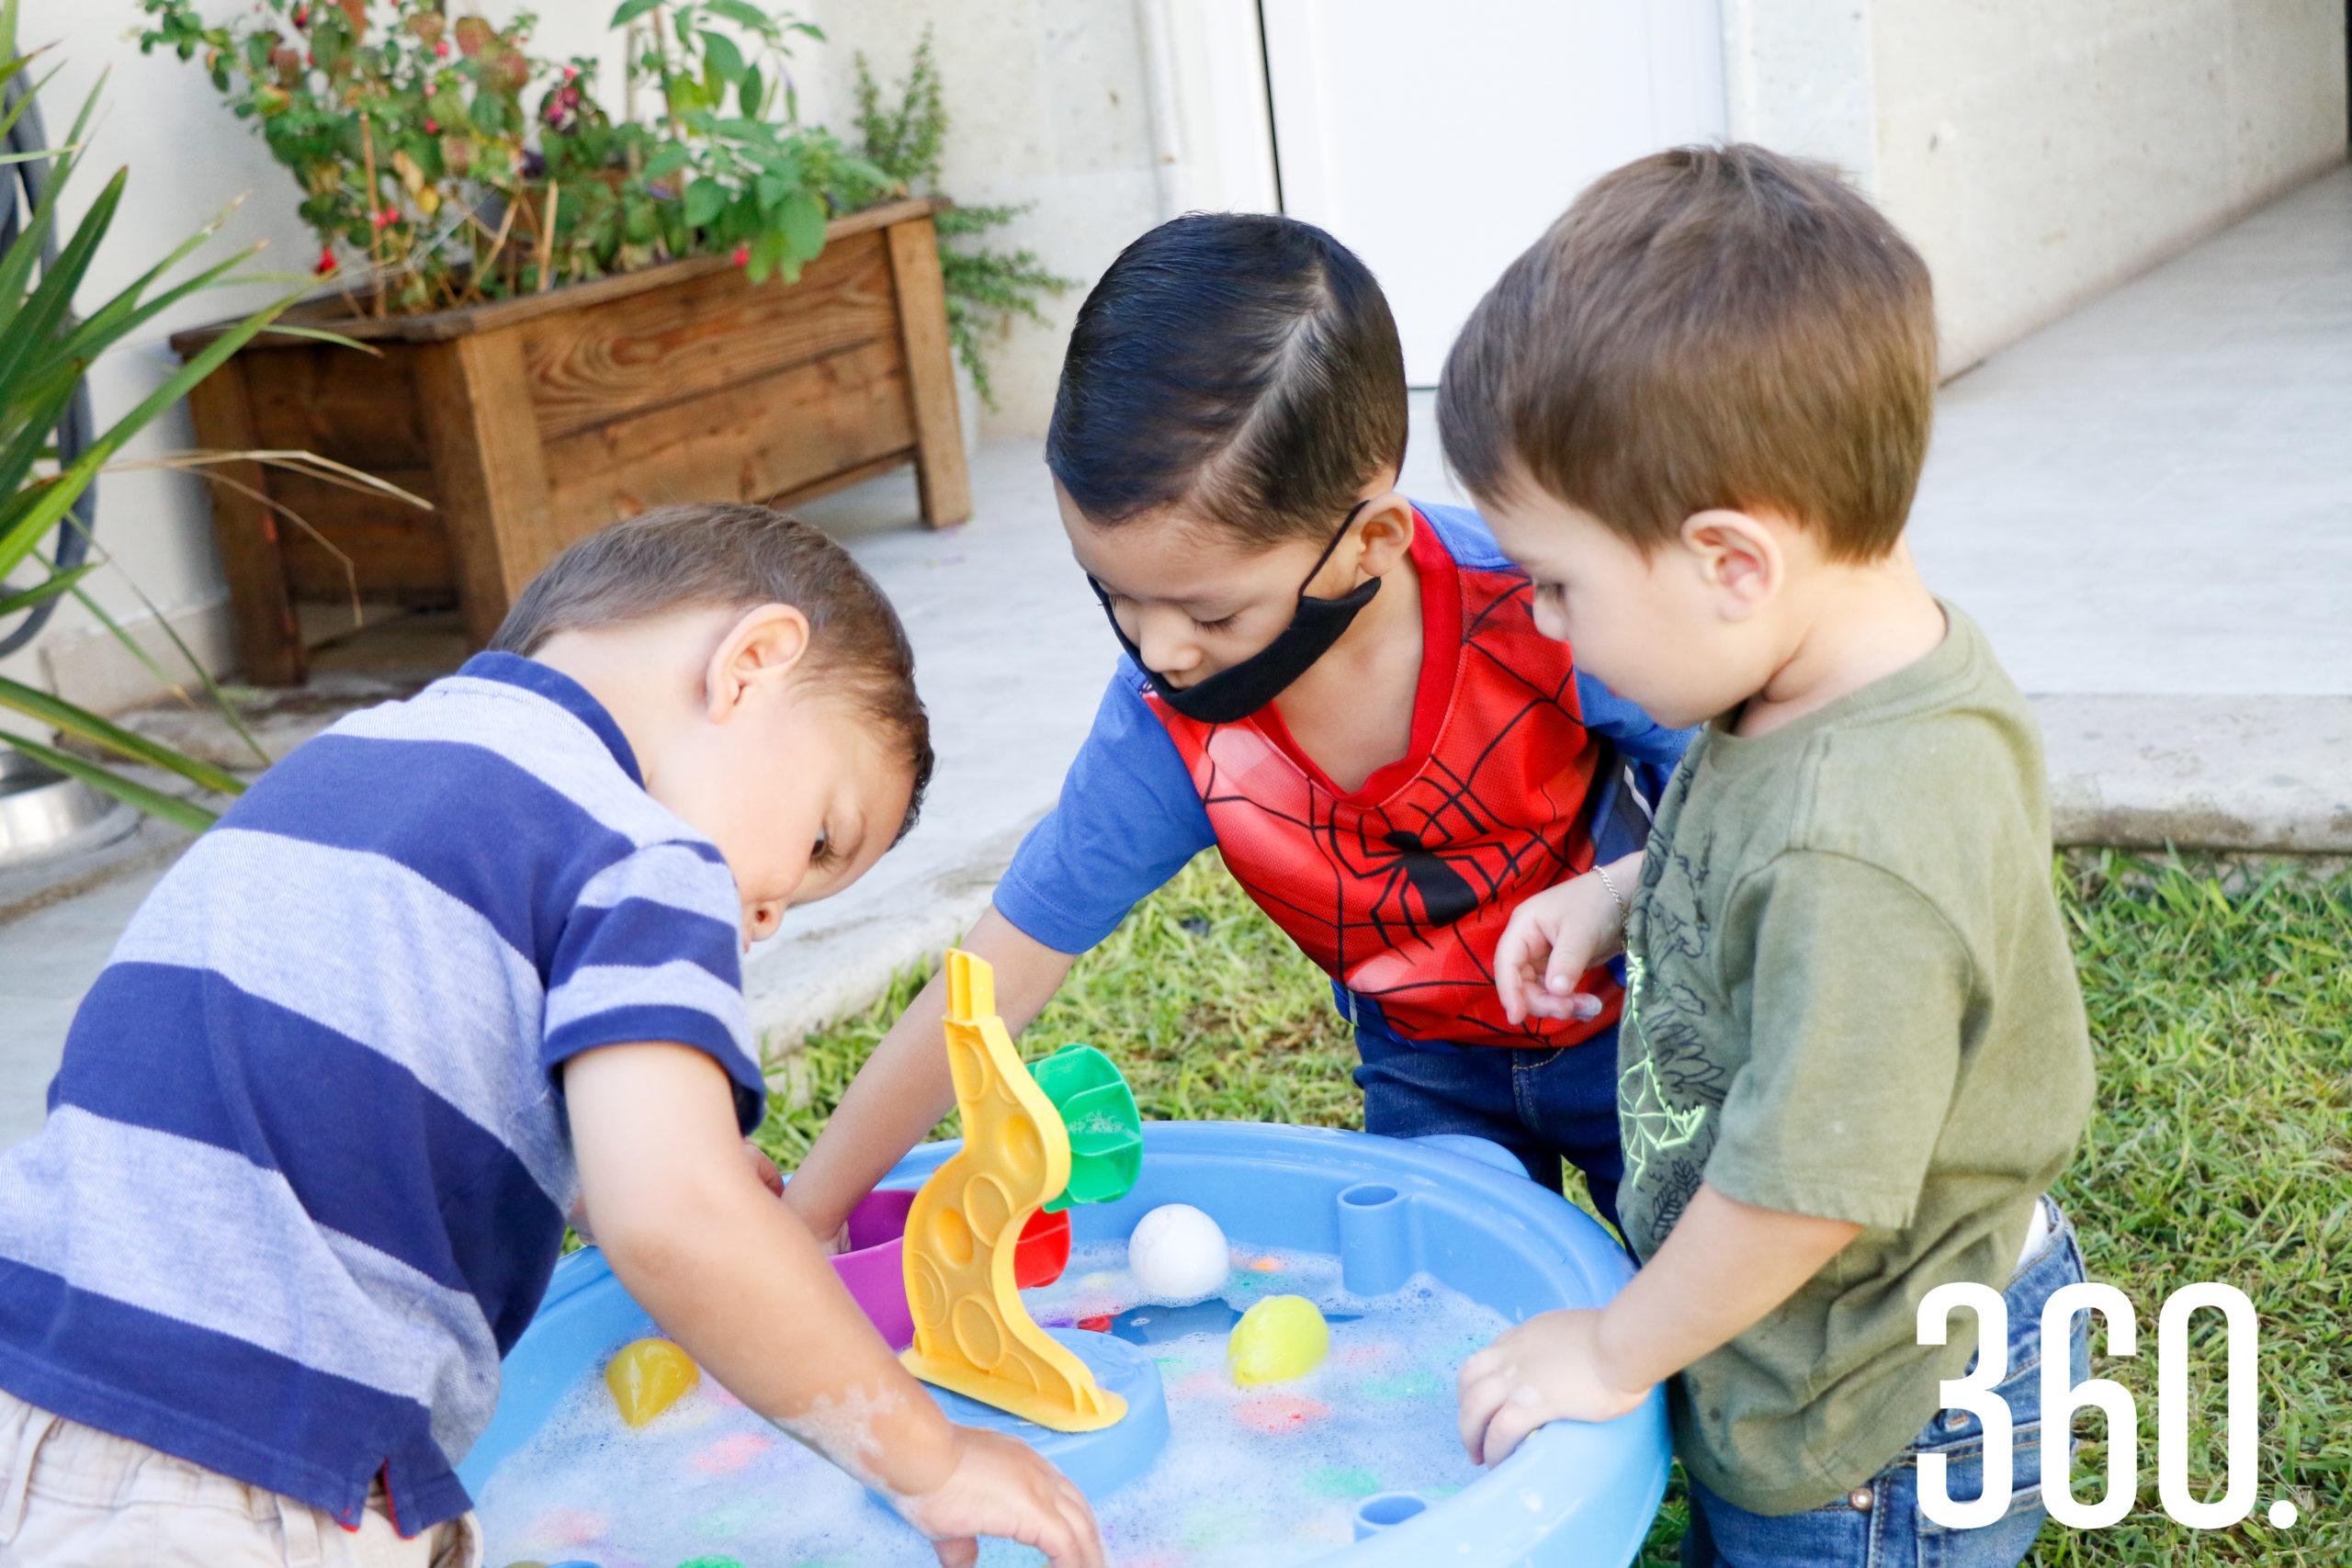 Participantes del summer camp disfrutando de sus actividades.